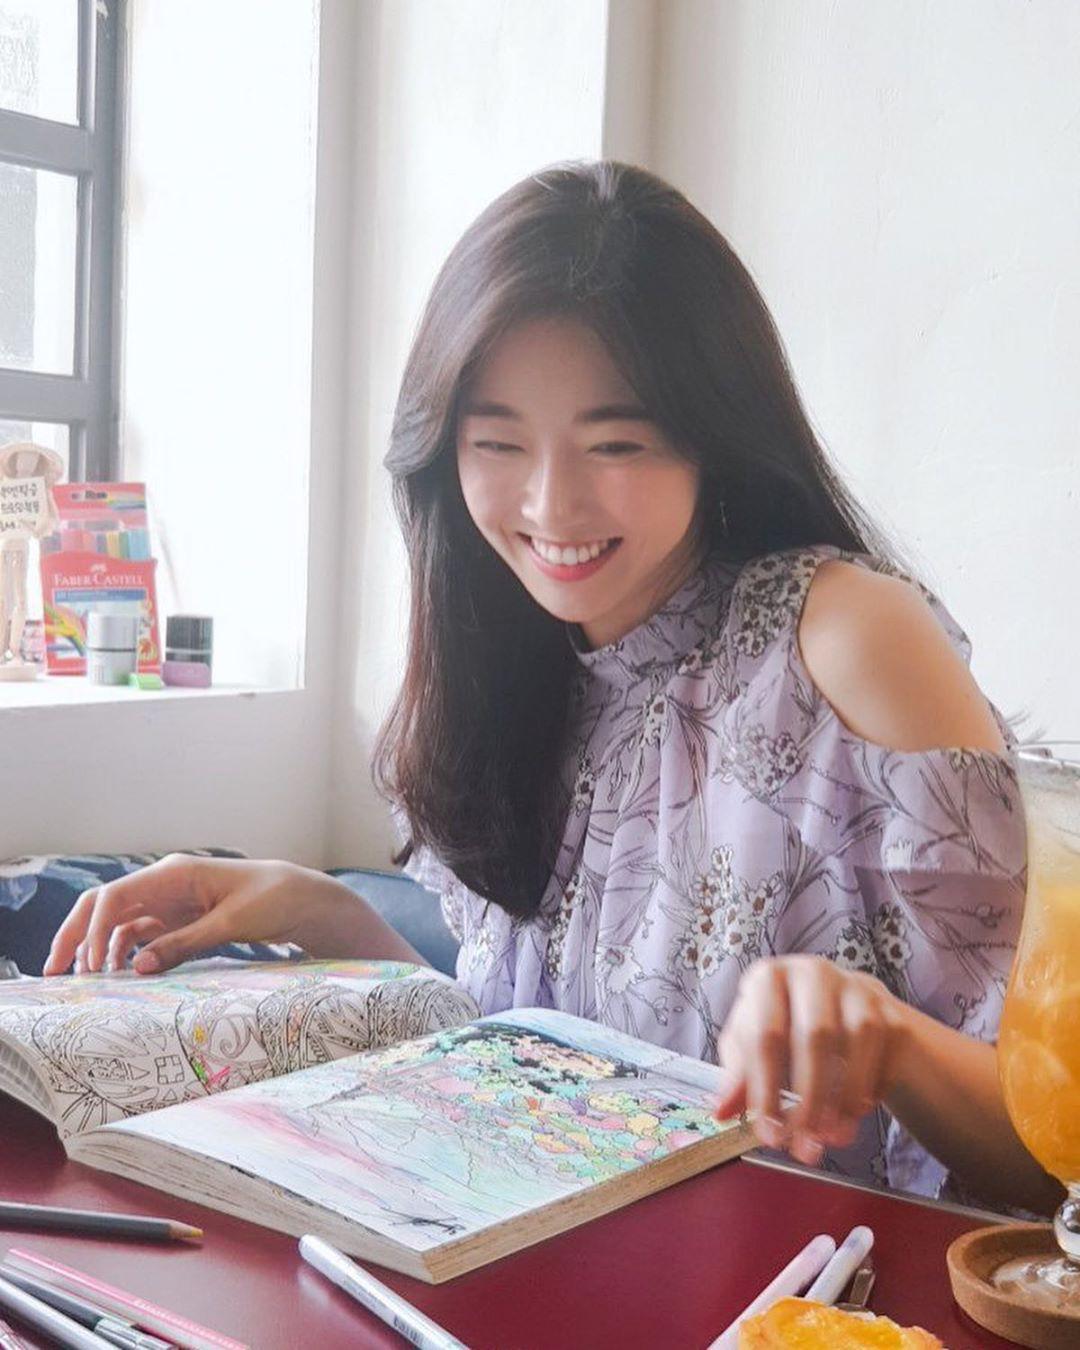 Bàn cân nhan sắc Tân và cựu Hoa hậu Hàn Quốc: Bên đẹp như diễn viên bên gây tranh cãi, body gây chú ý - Ảnh 16.